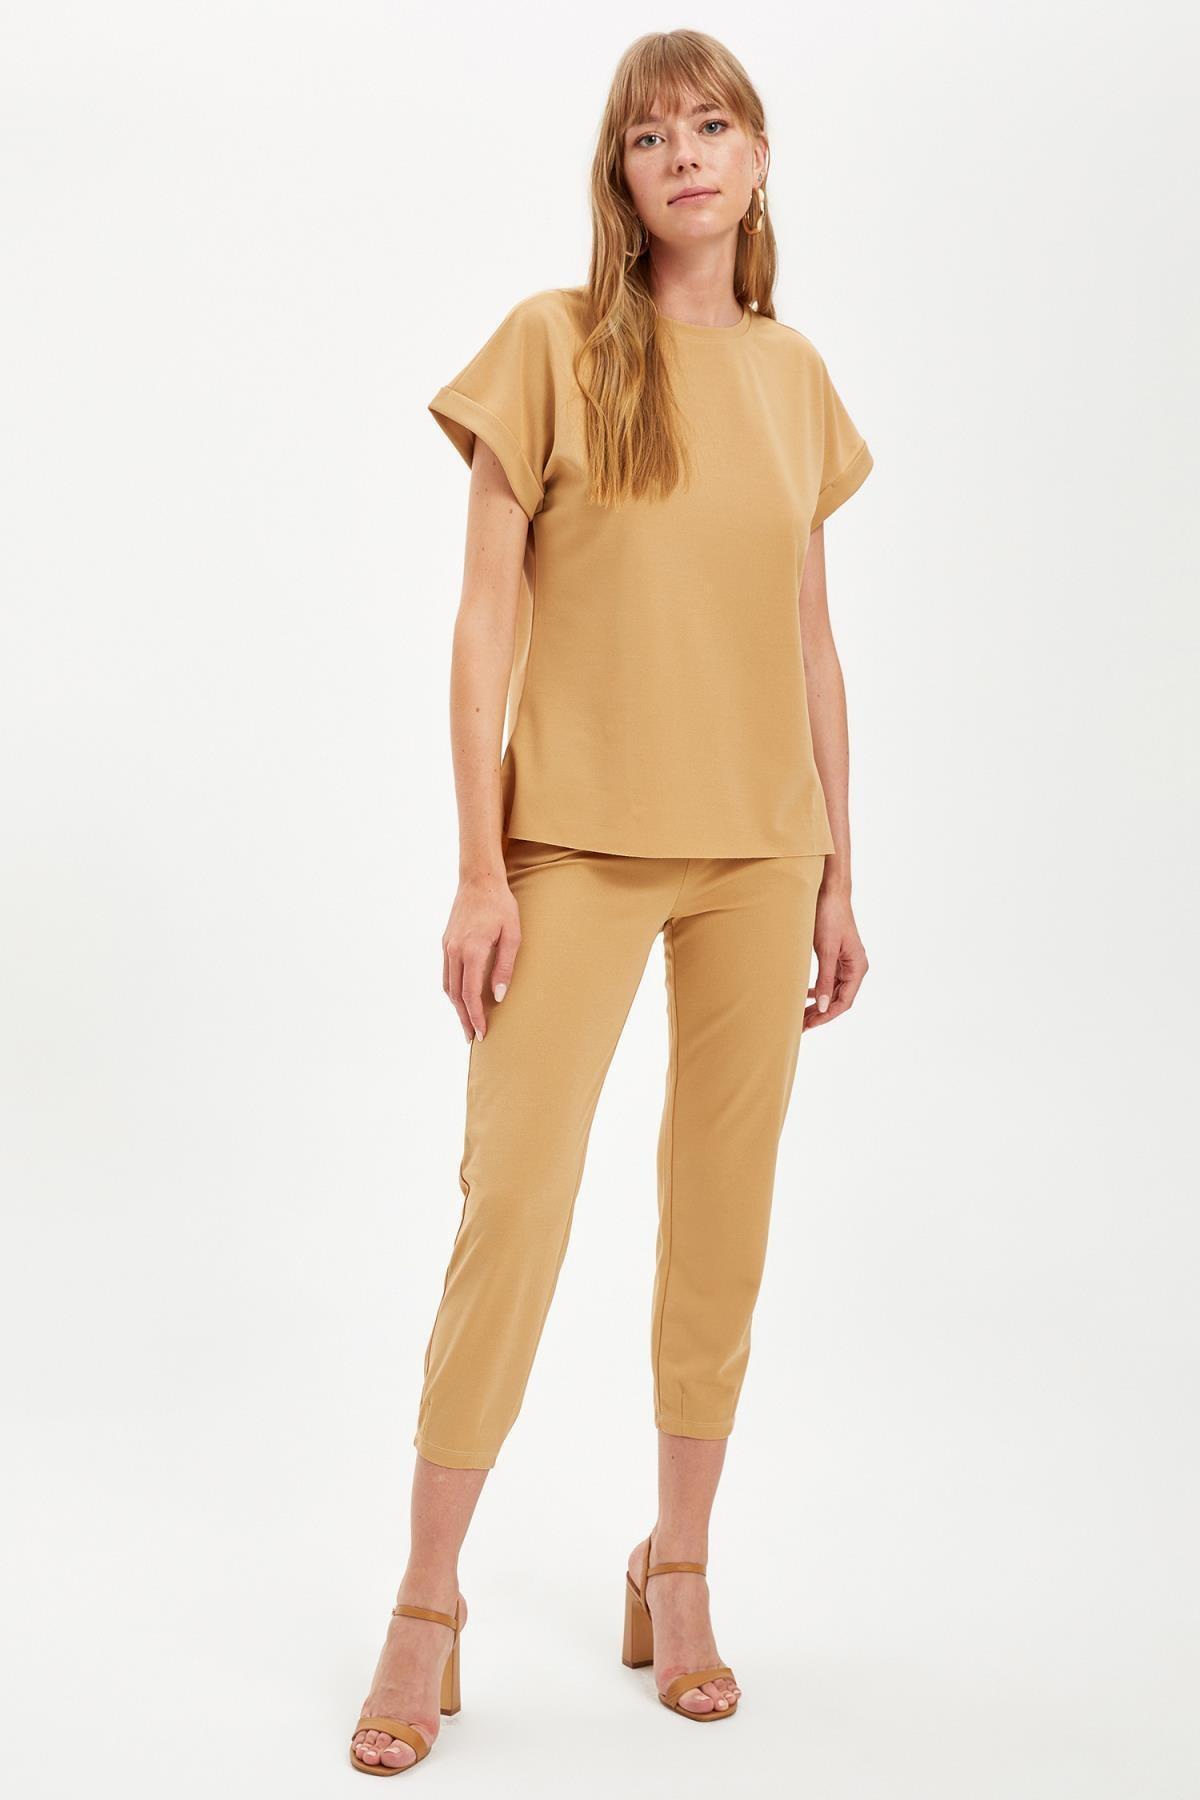 DeFacto Kadın Beıge Kapri Crop Tişört Takım S8247AZ20HS